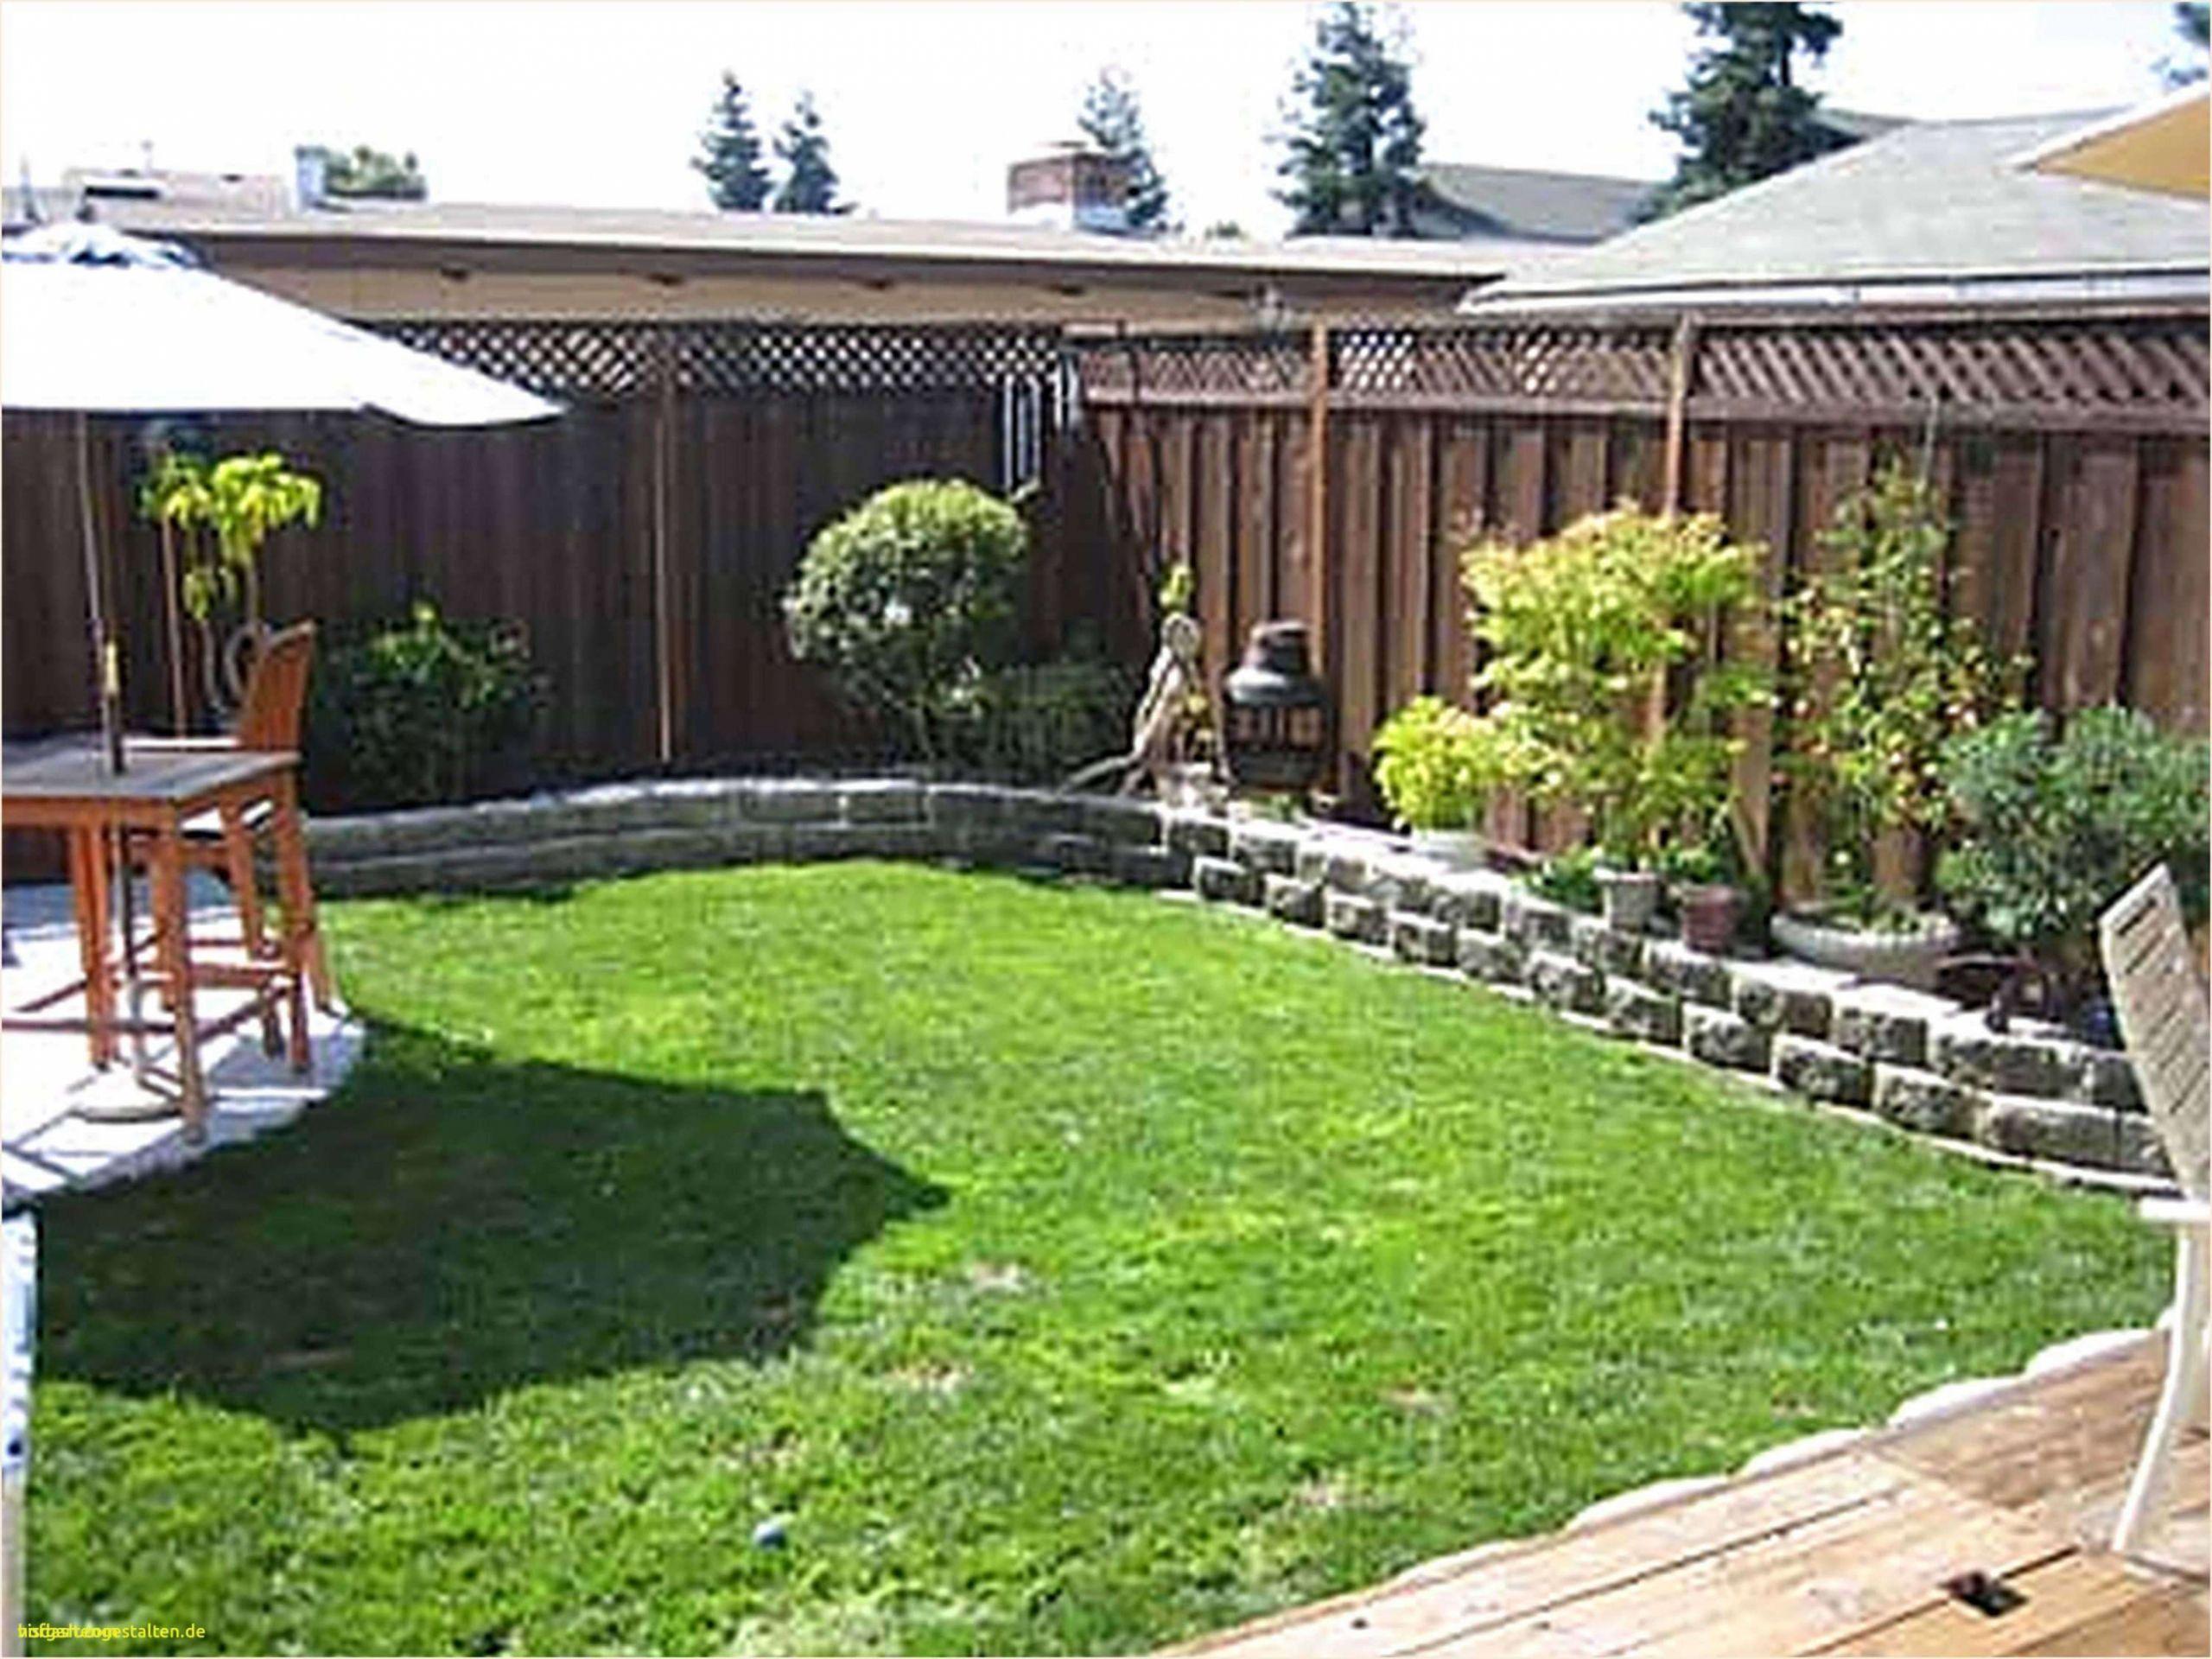 Garten Bauen Frisch Regal Aus Weinkisten Bauen — Temobardz Home Blog